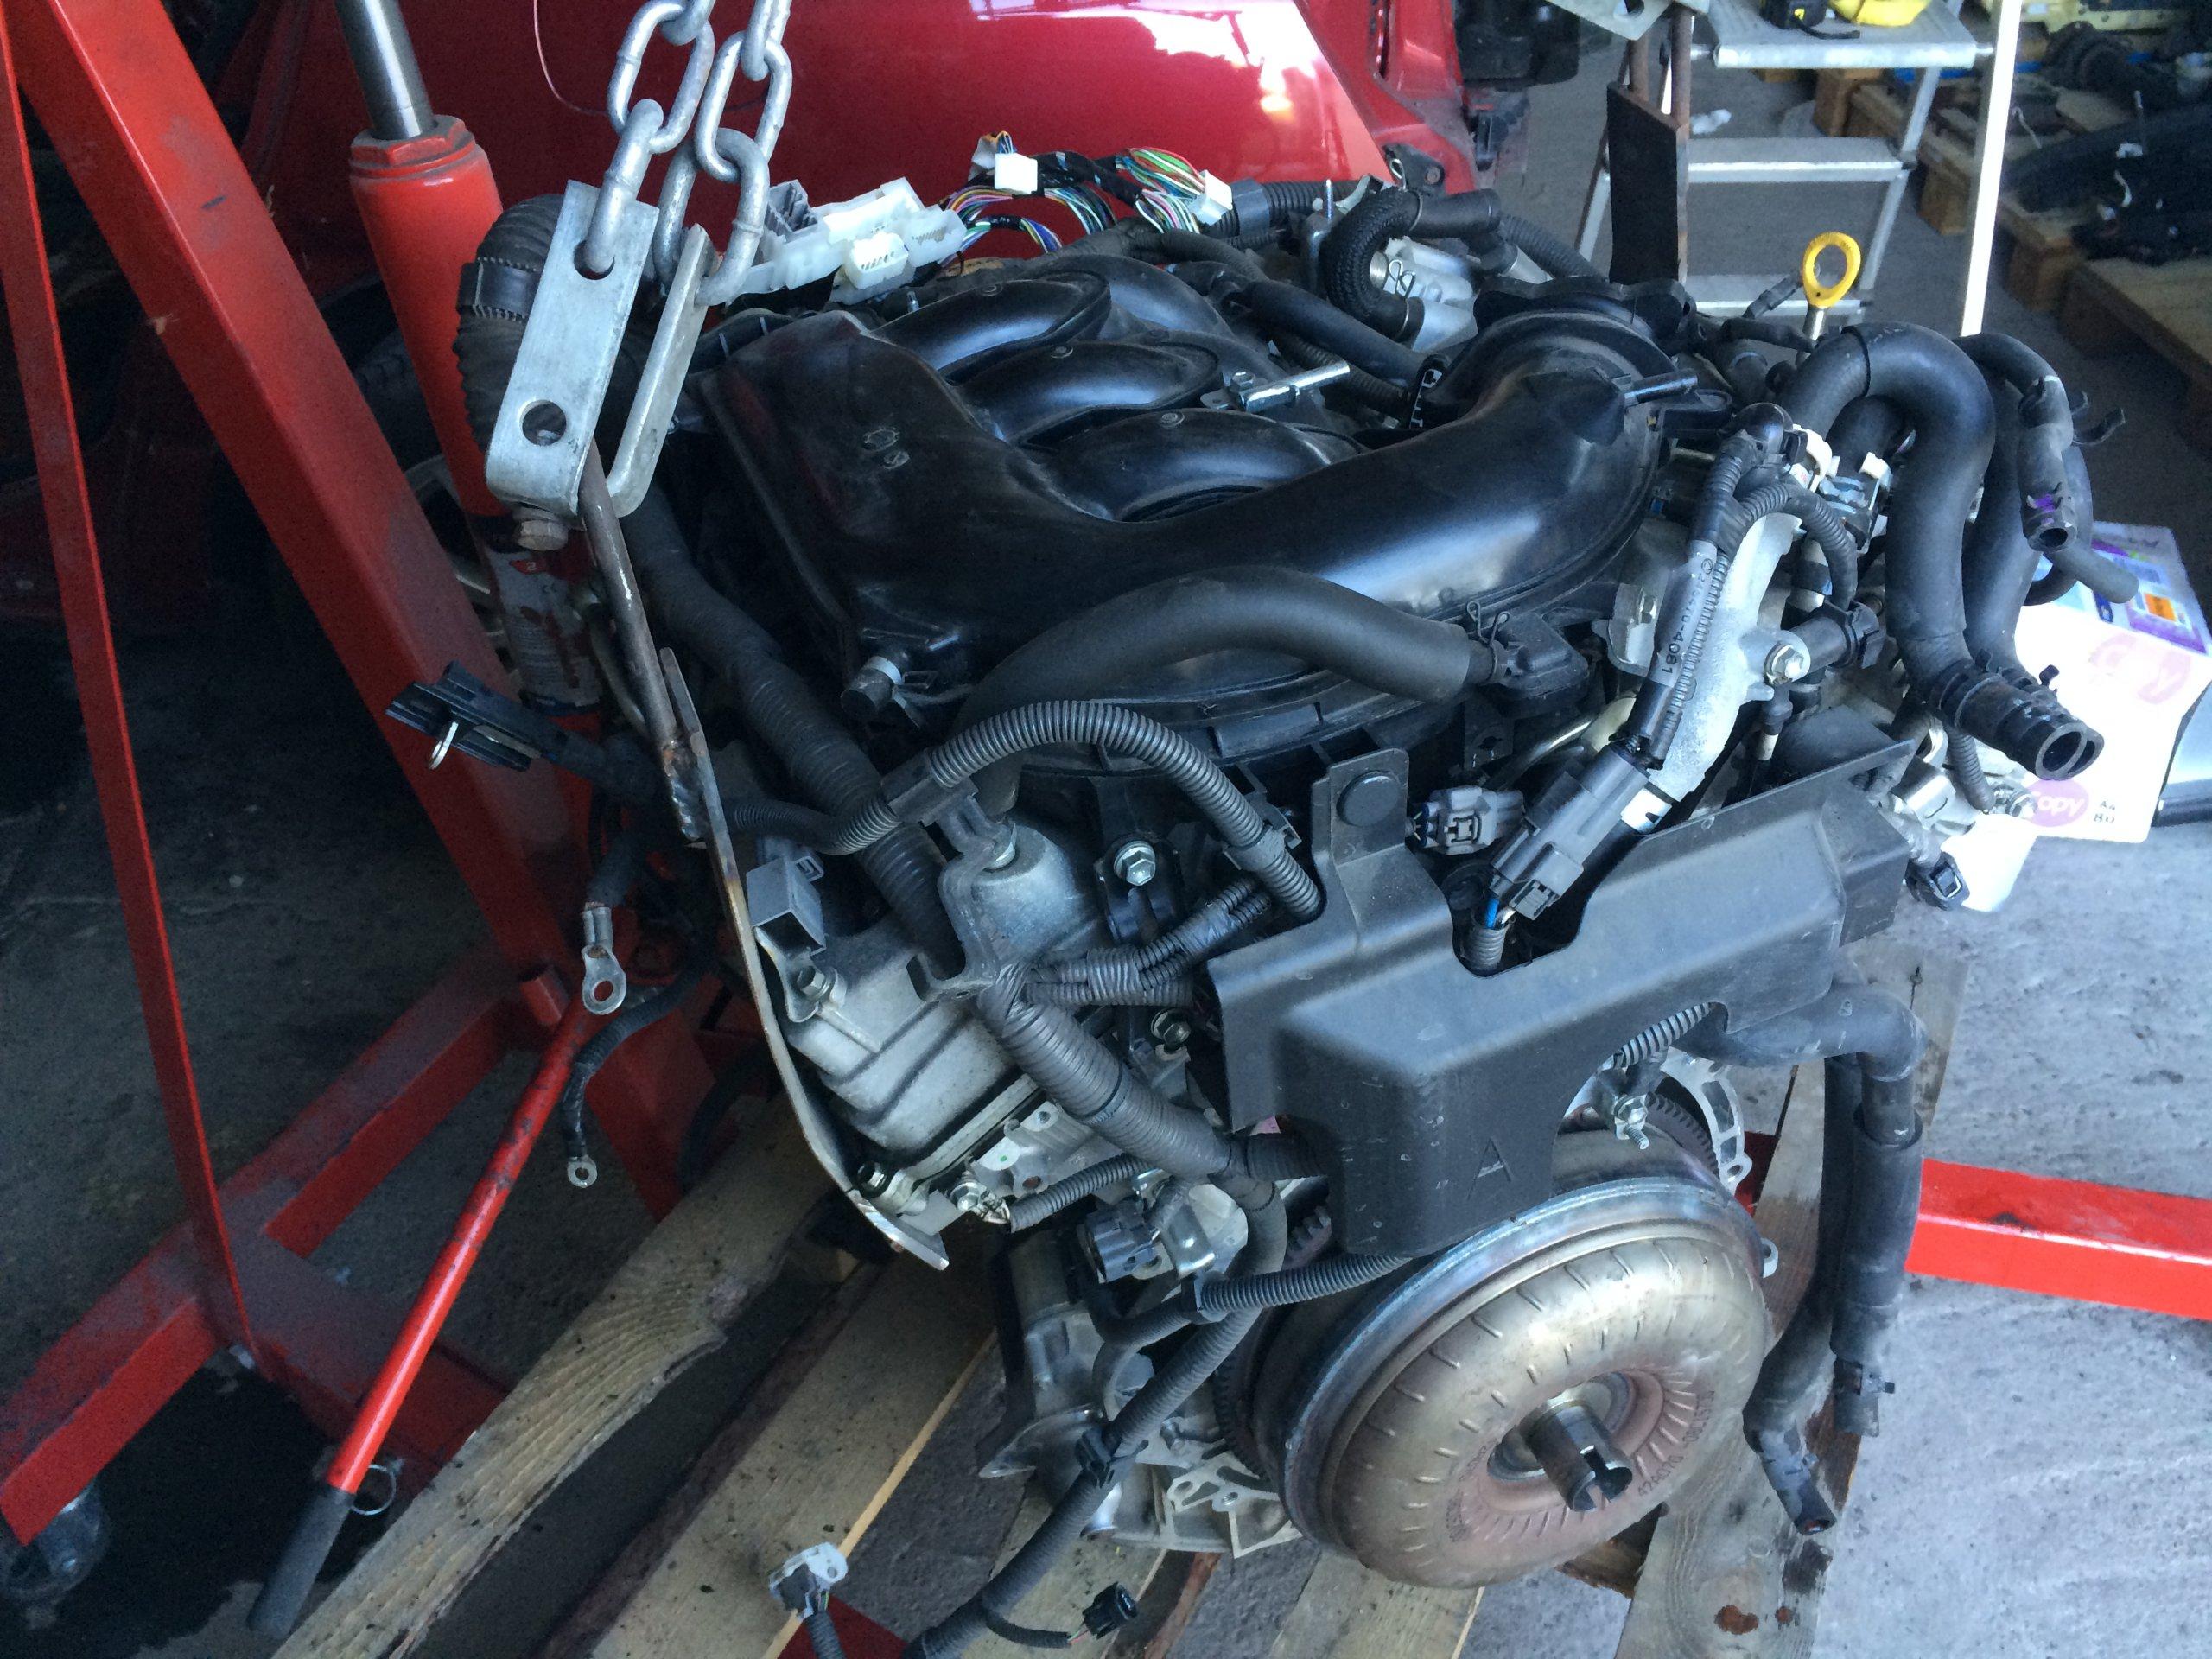 Wał korbowy do silnika Lexus gs 450h 05-